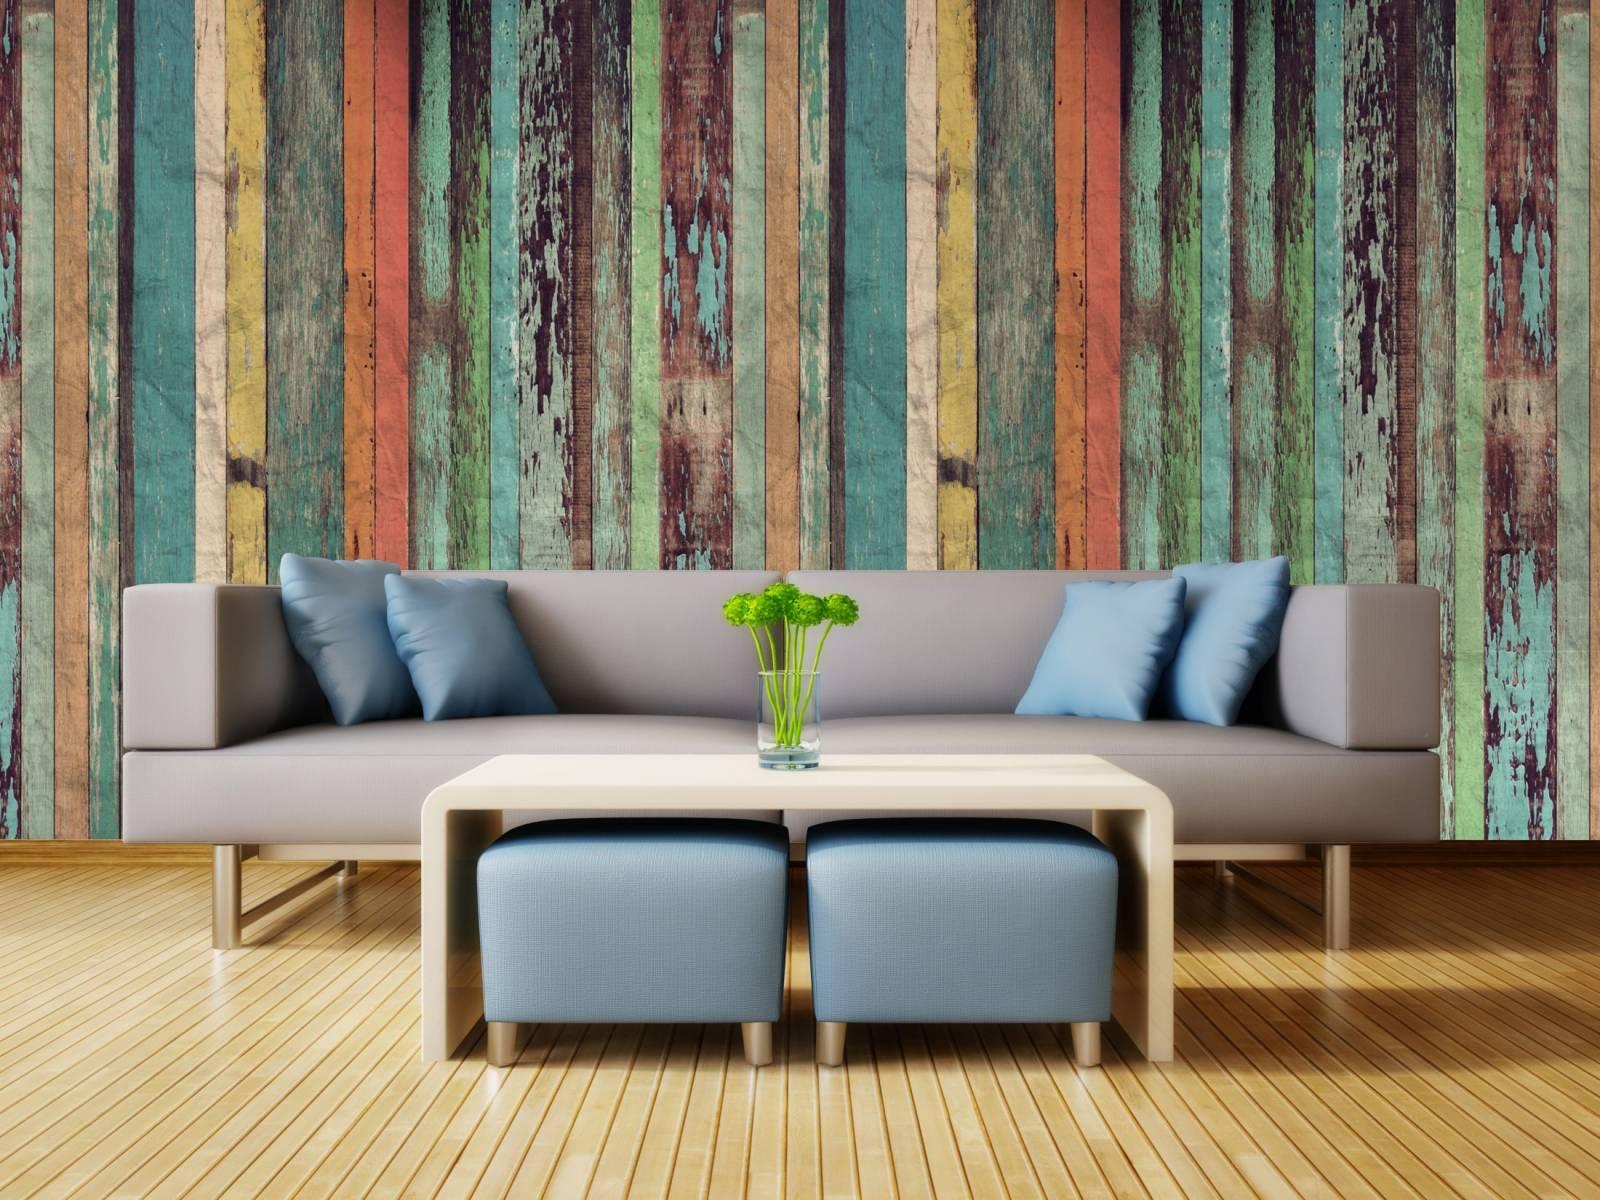 Papel de Parede Madeira Colorida | Adesivo Vinilico imagem 2